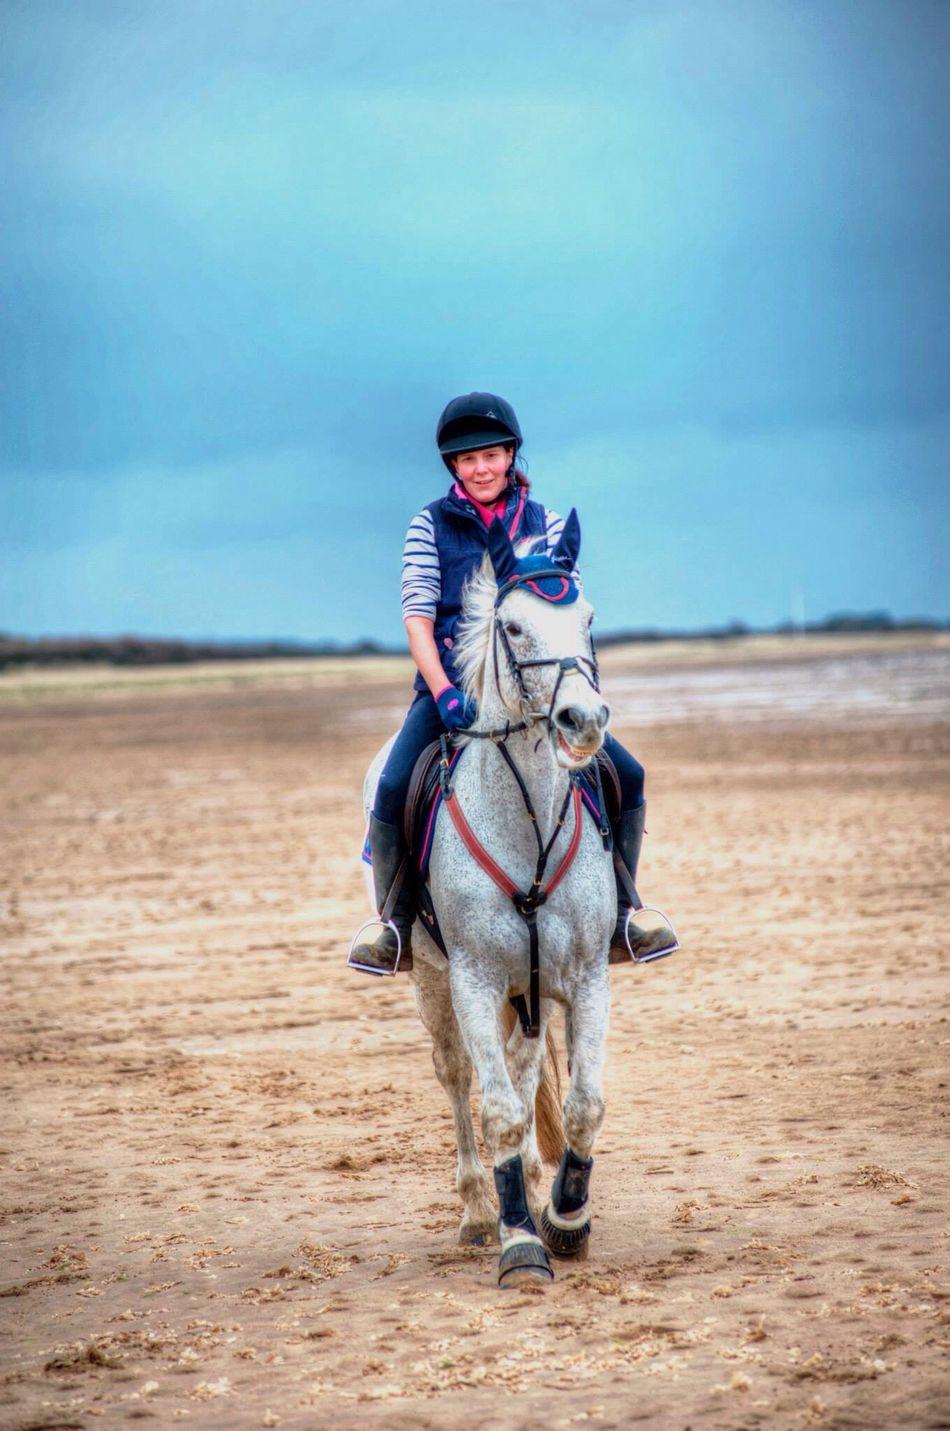 At Theddlethorpe Beach Beach Theddlethorpe Horse Horses Horse Riding Horseriding